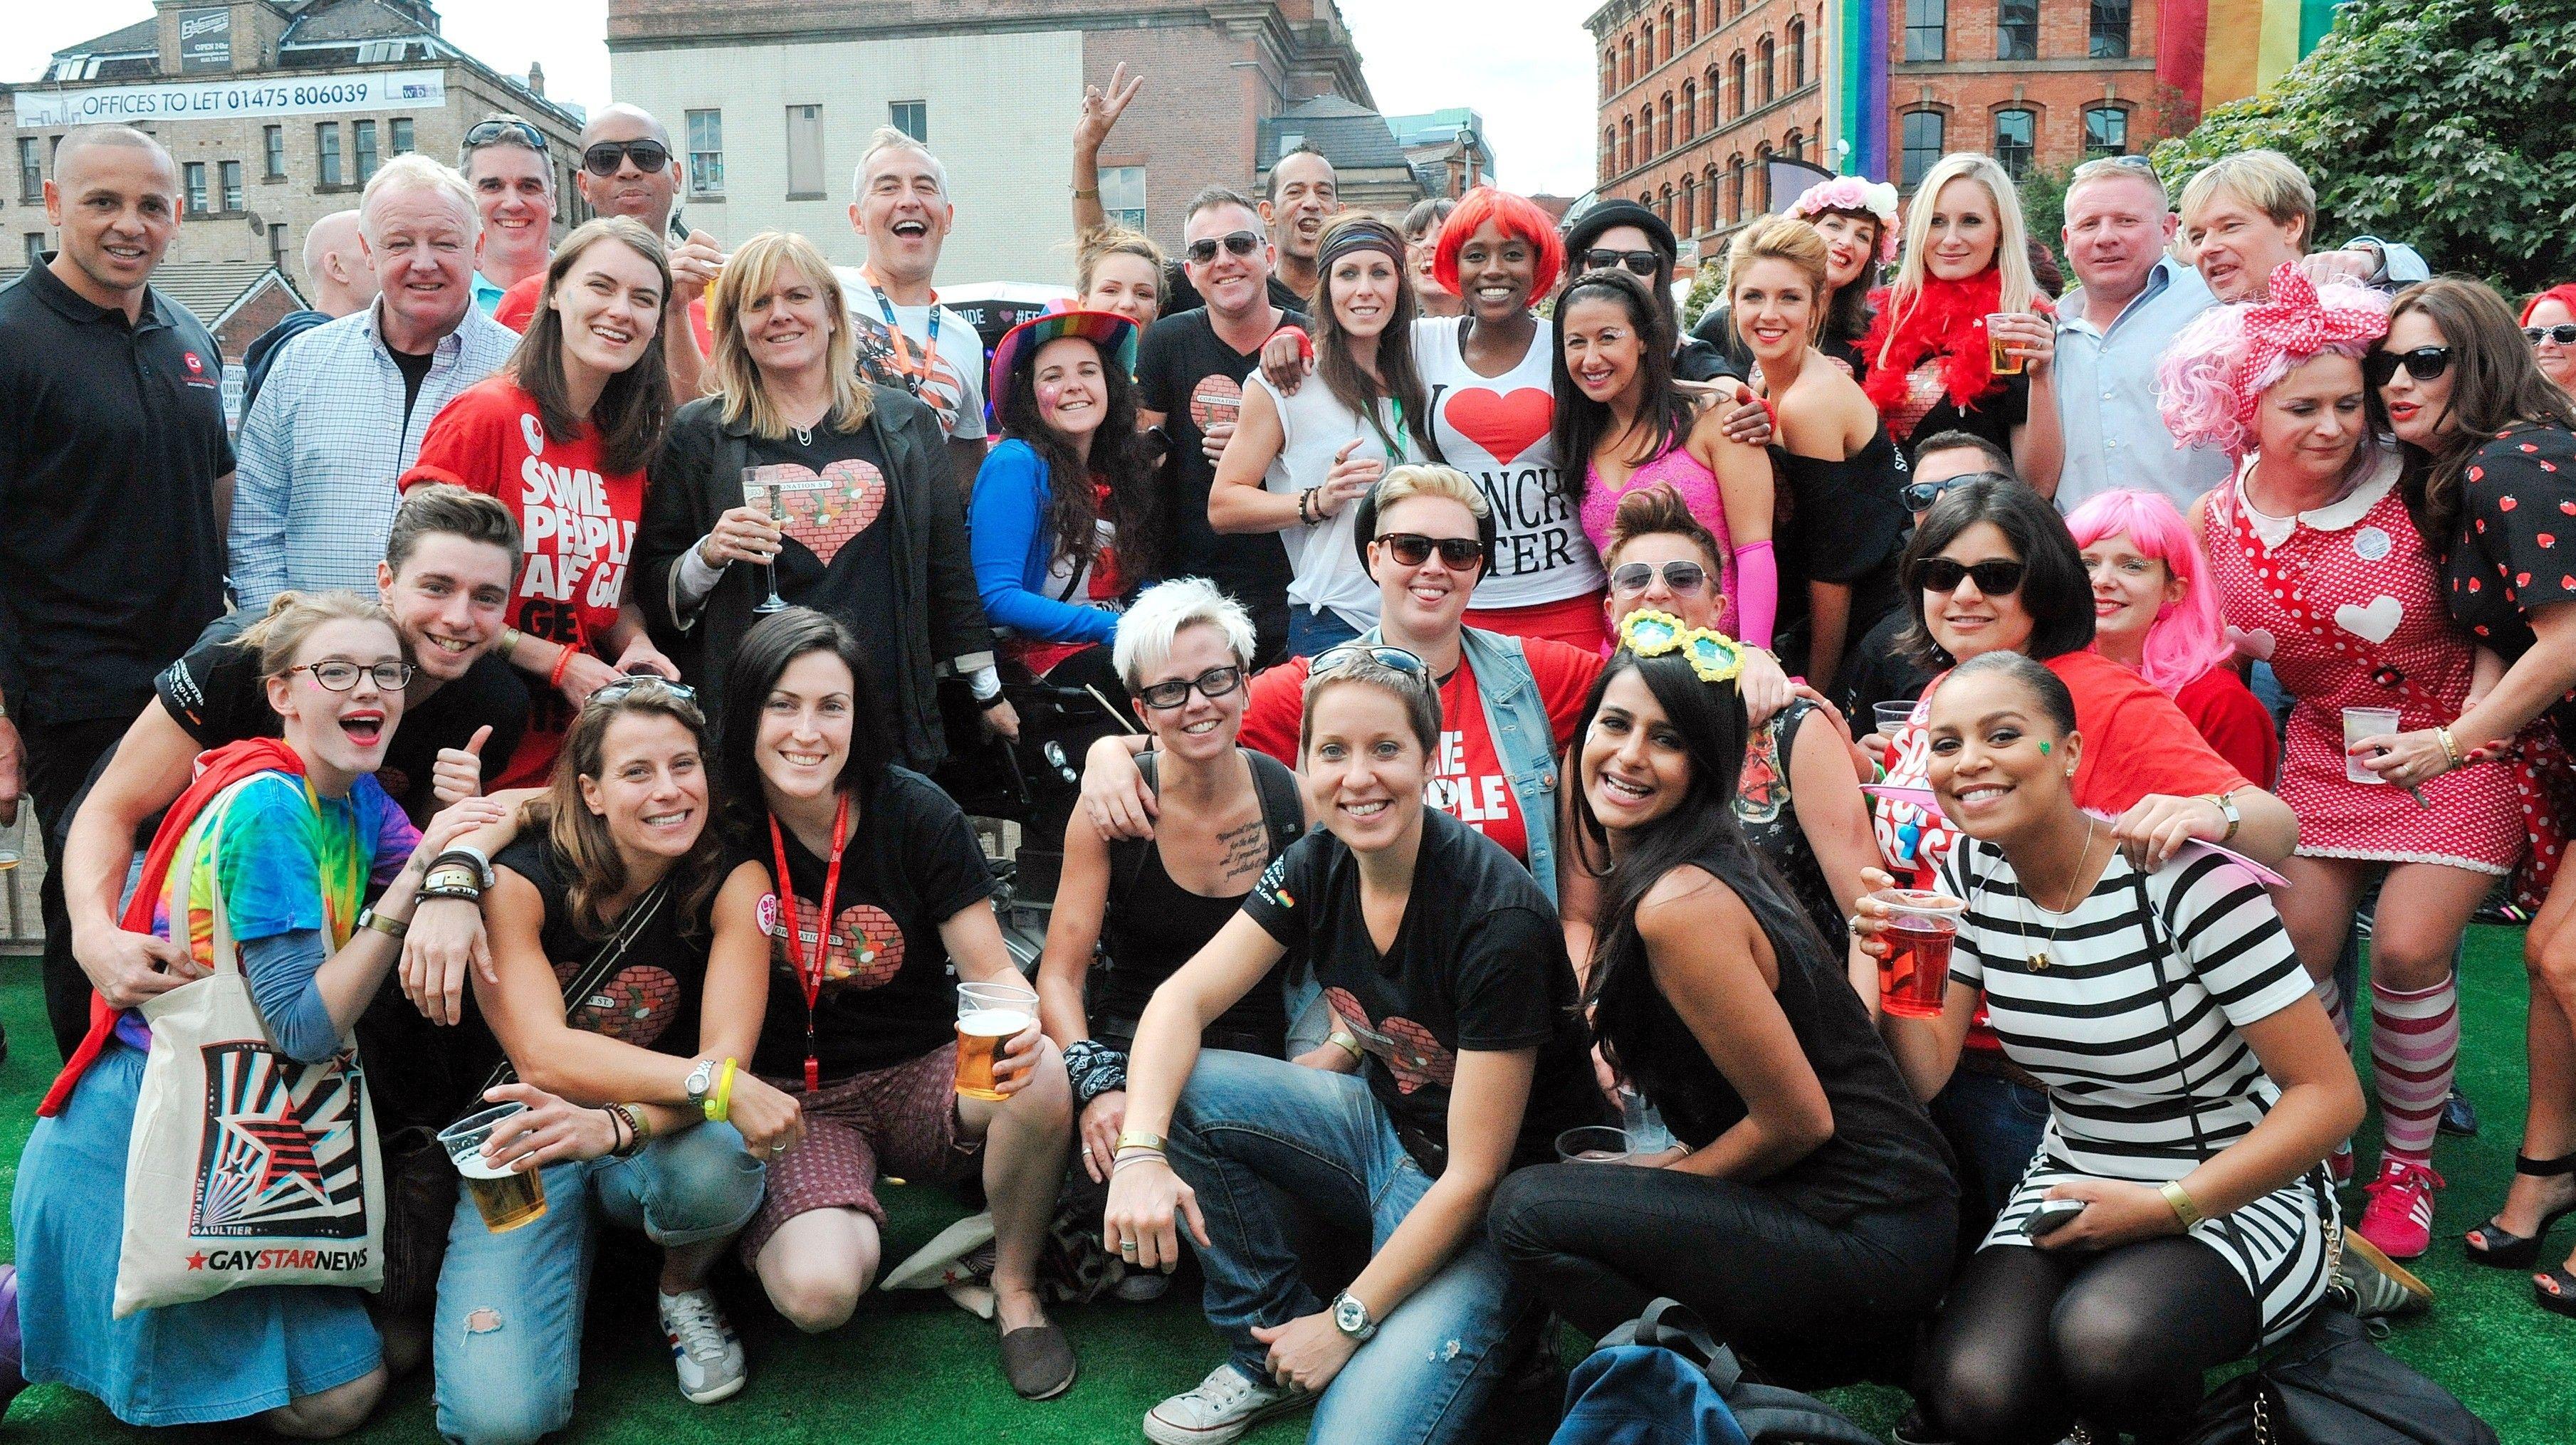 Corrie Pride 2014 Pride 2014, Pride parade, Pride